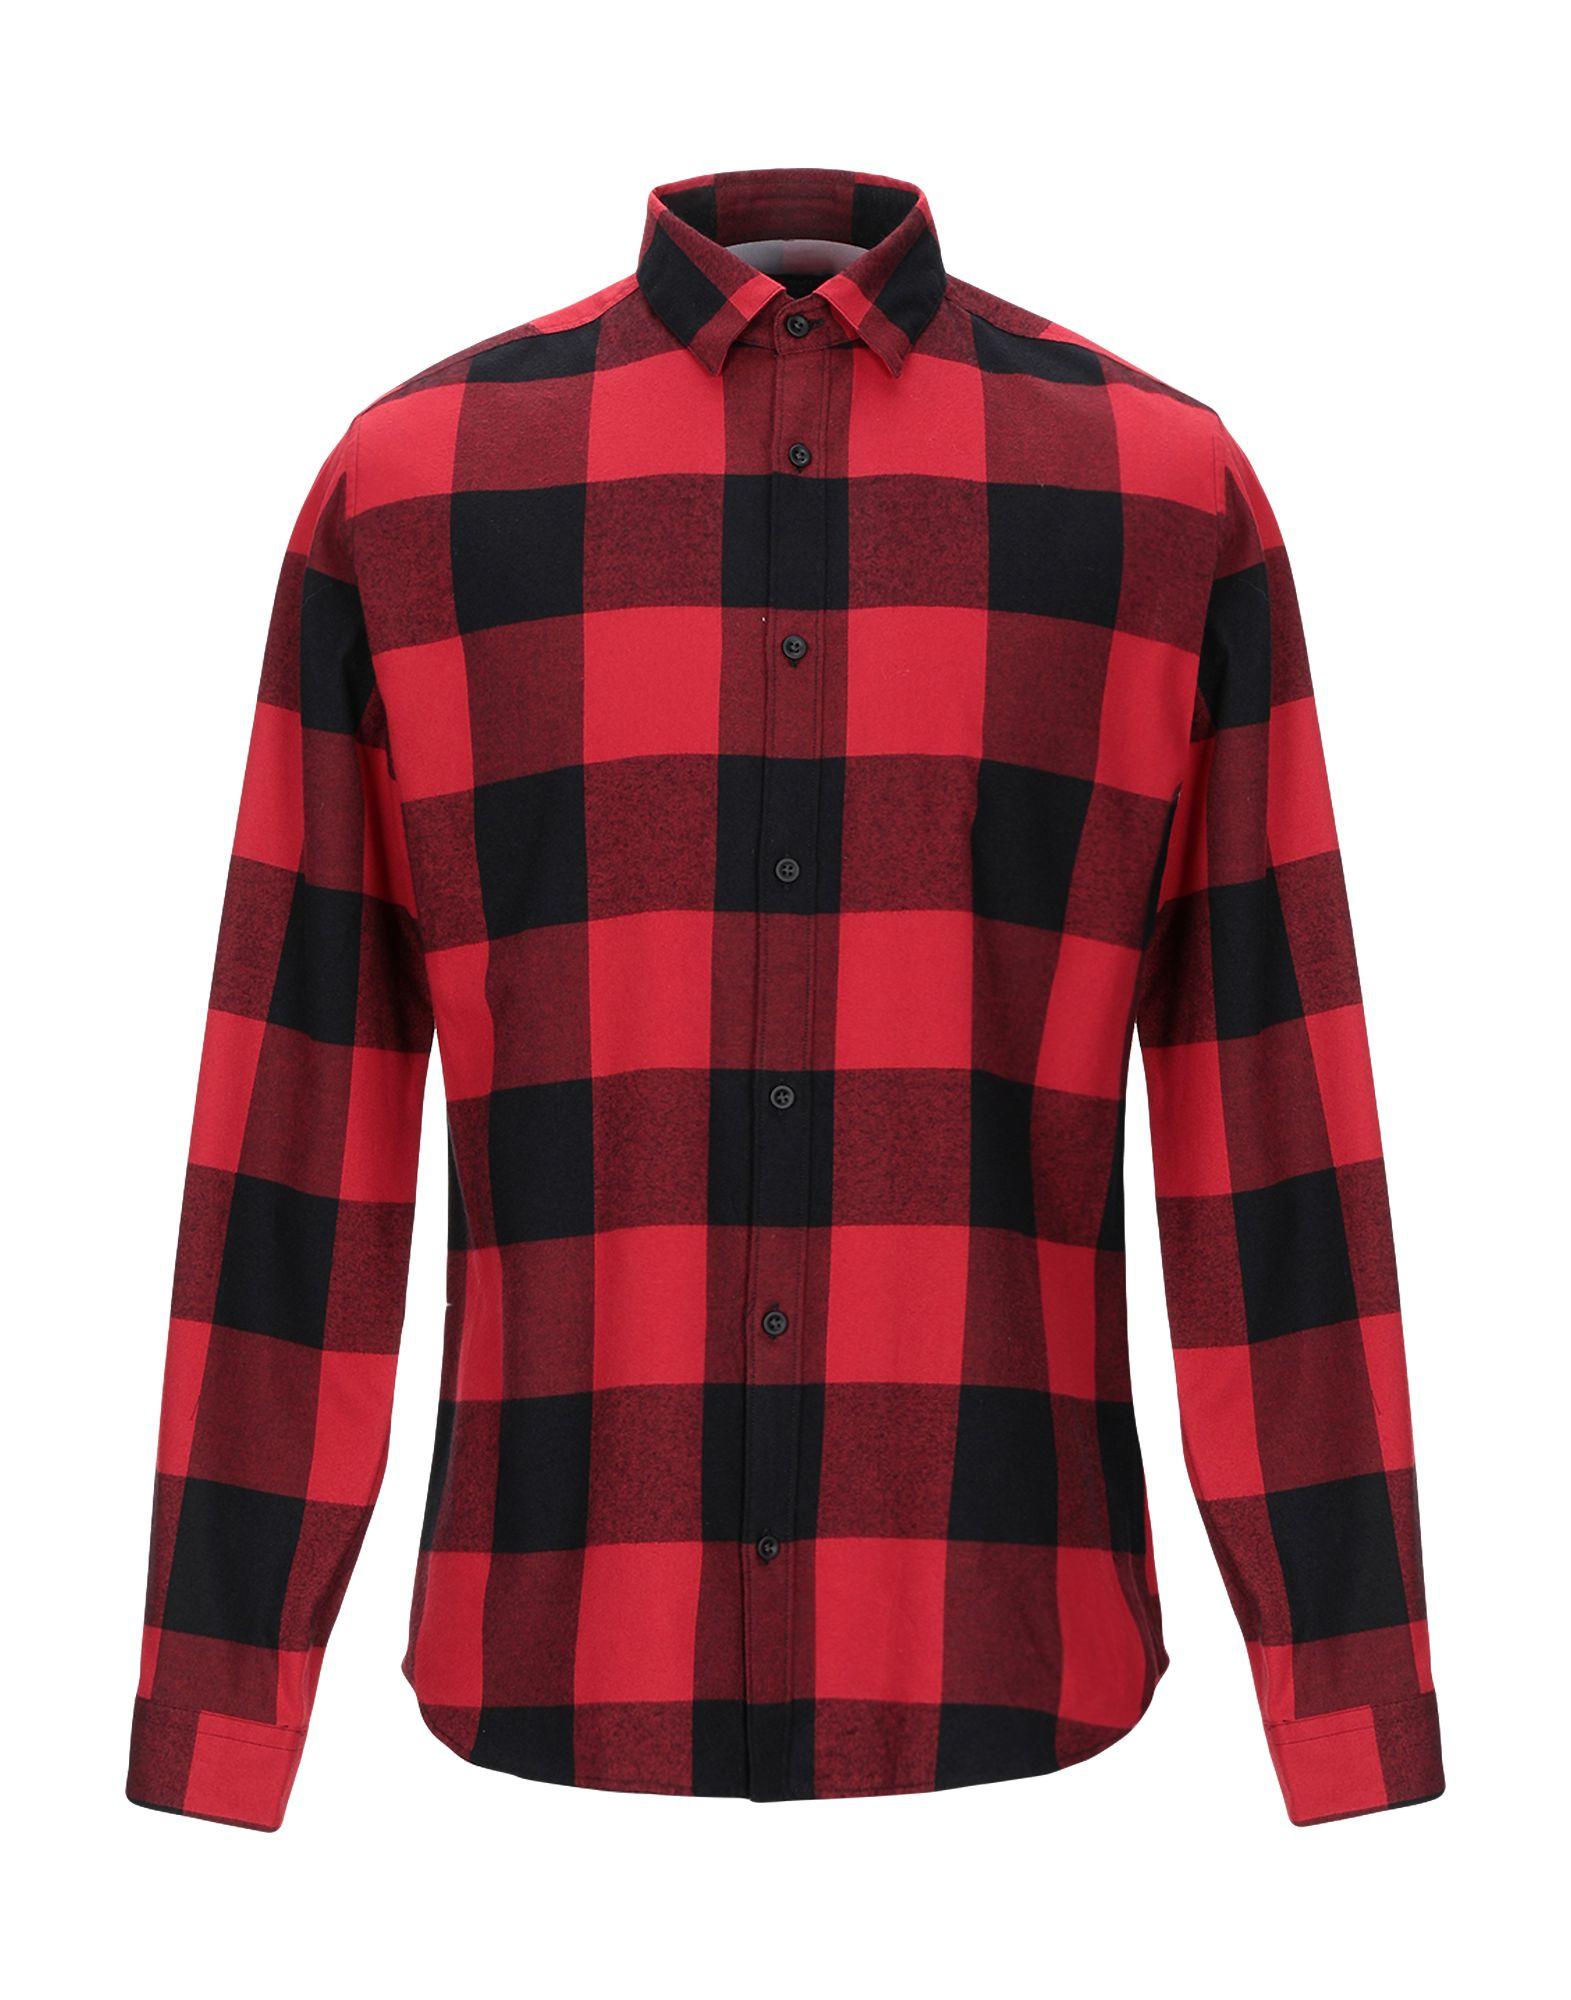 《期間限定セール開催中!》JACK & JONES PREMIUM メンズ シャツ レッド S コットン 100%